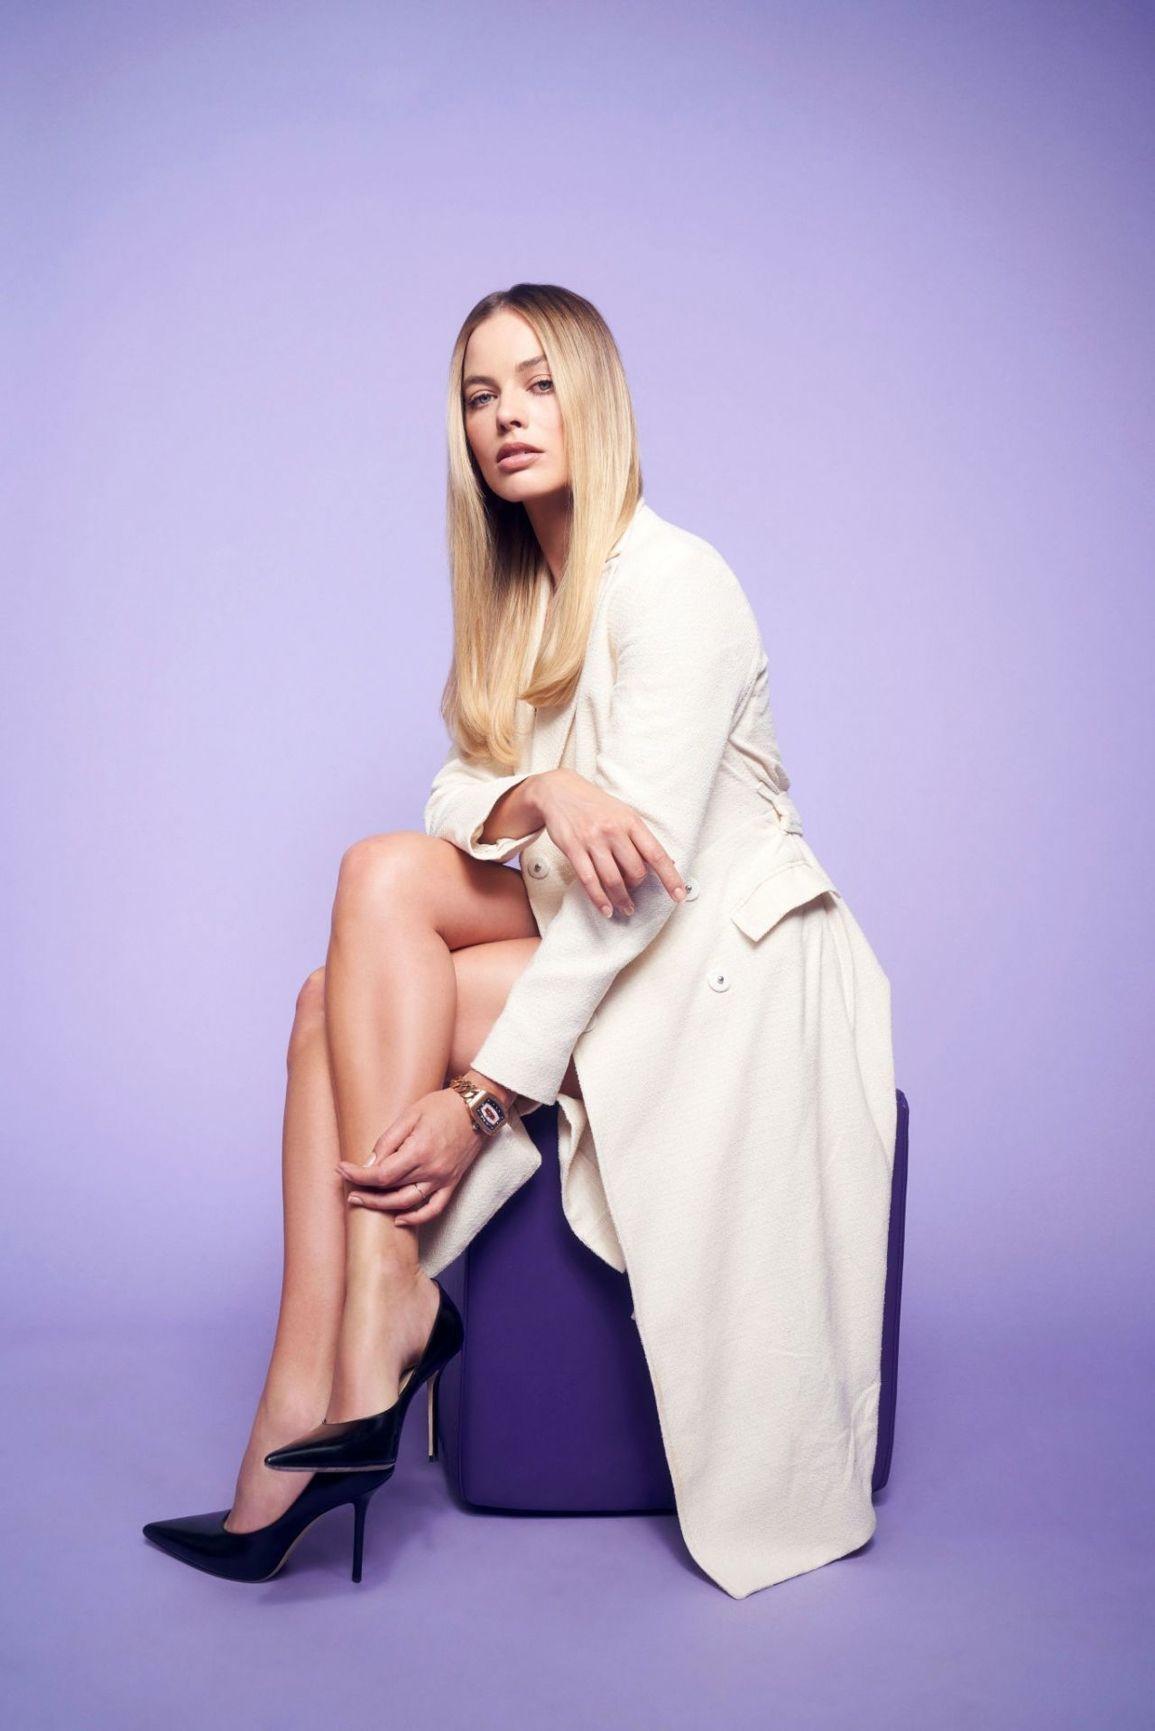 Margot Robbies Legs With Images Margo Robbie Margot Robbie